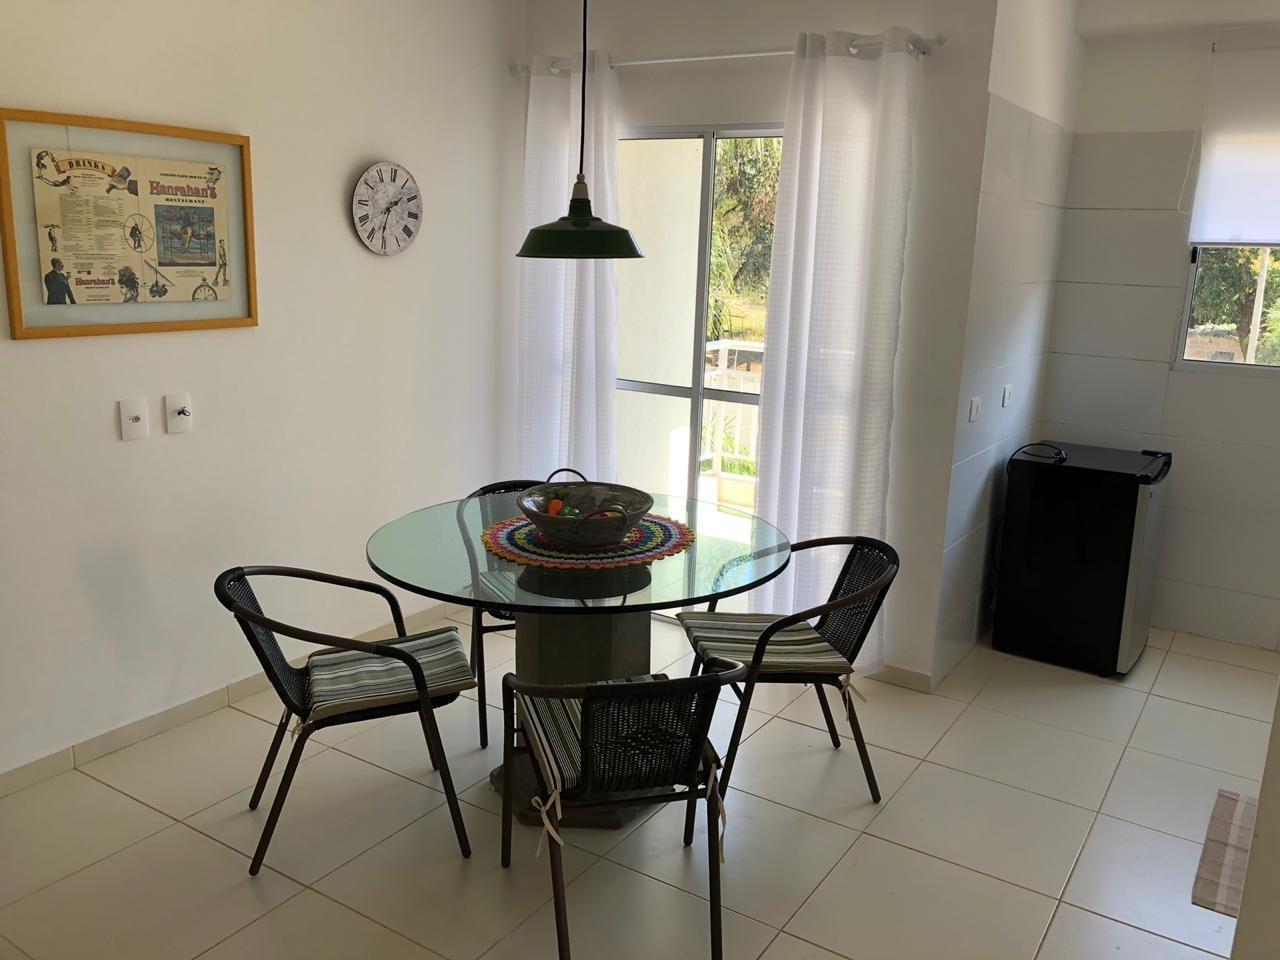 Apartamento para comprar, 2 quartos, 1 vaga, no bairro Residencial Novo Porto em Piracicaba - SP